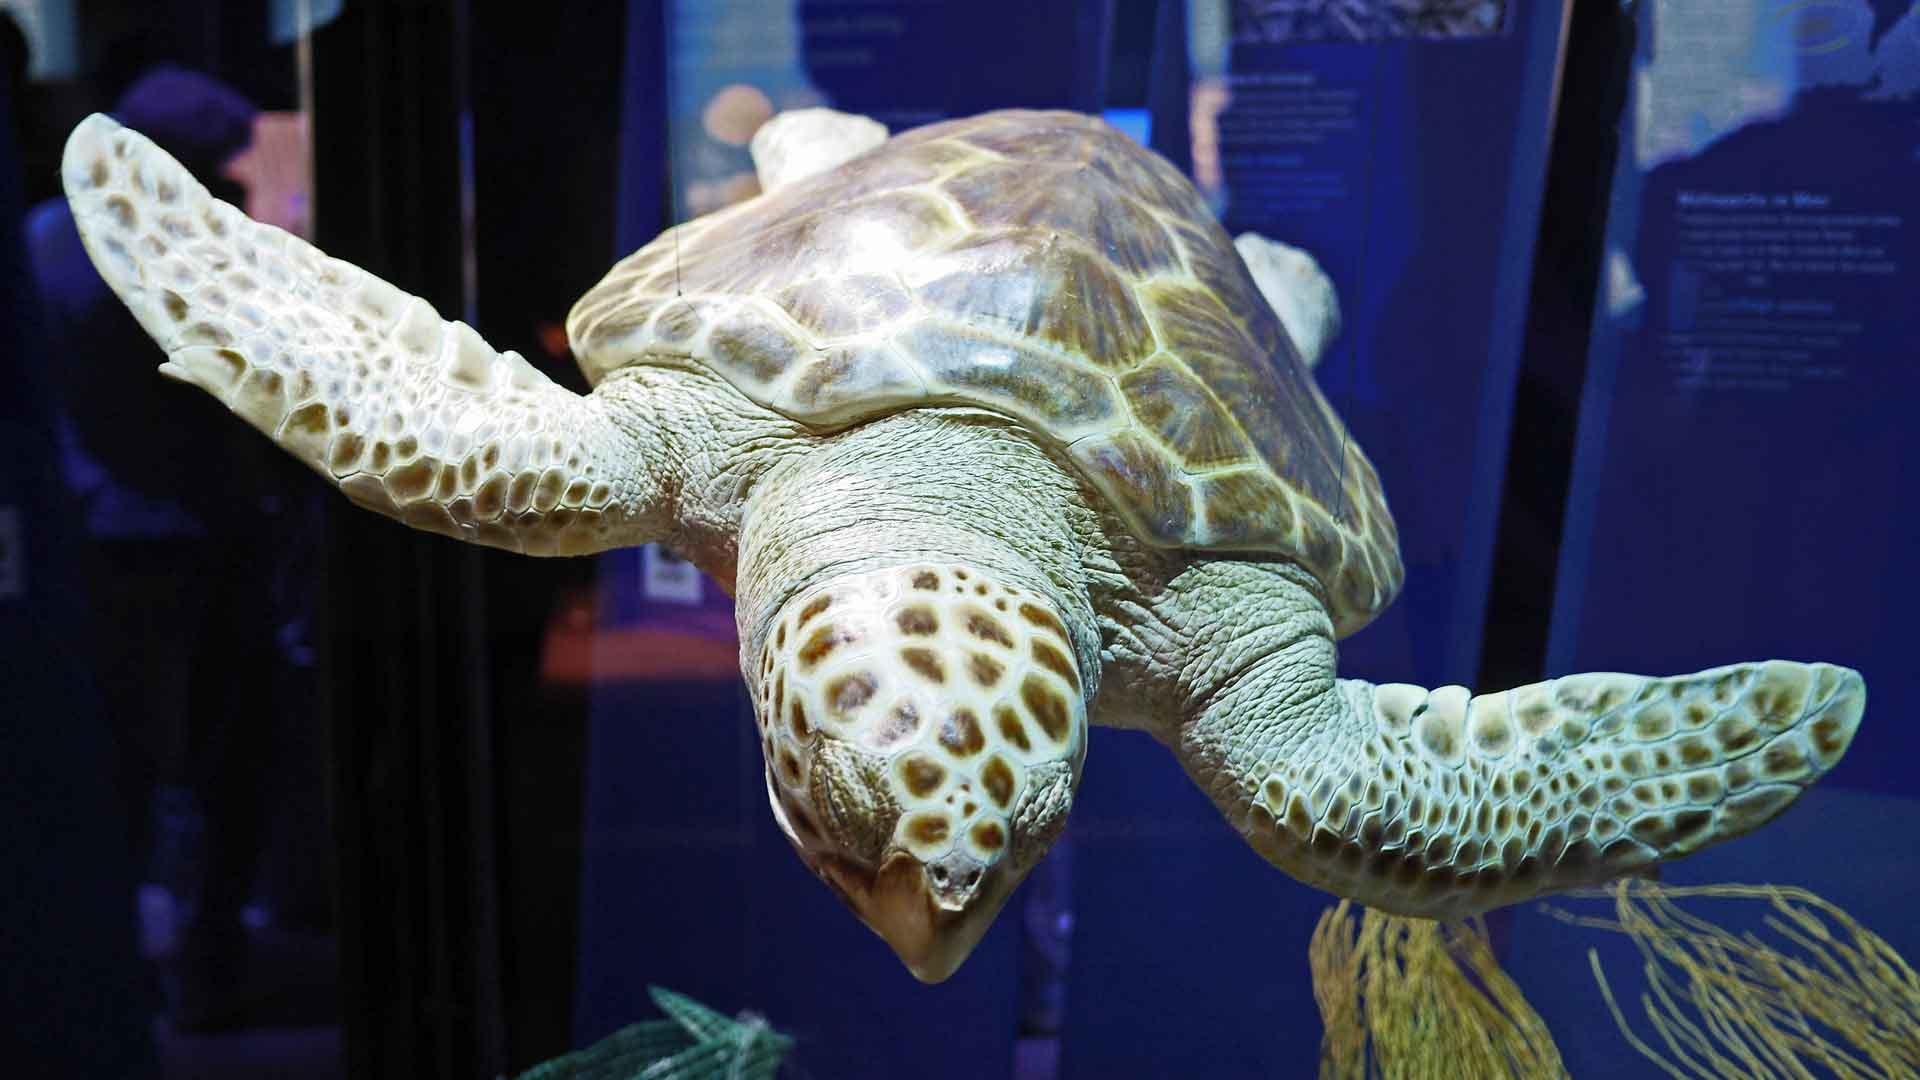 In het Ozeaneum in Stralsund kun je grote zeeschildpadden bewonderen.